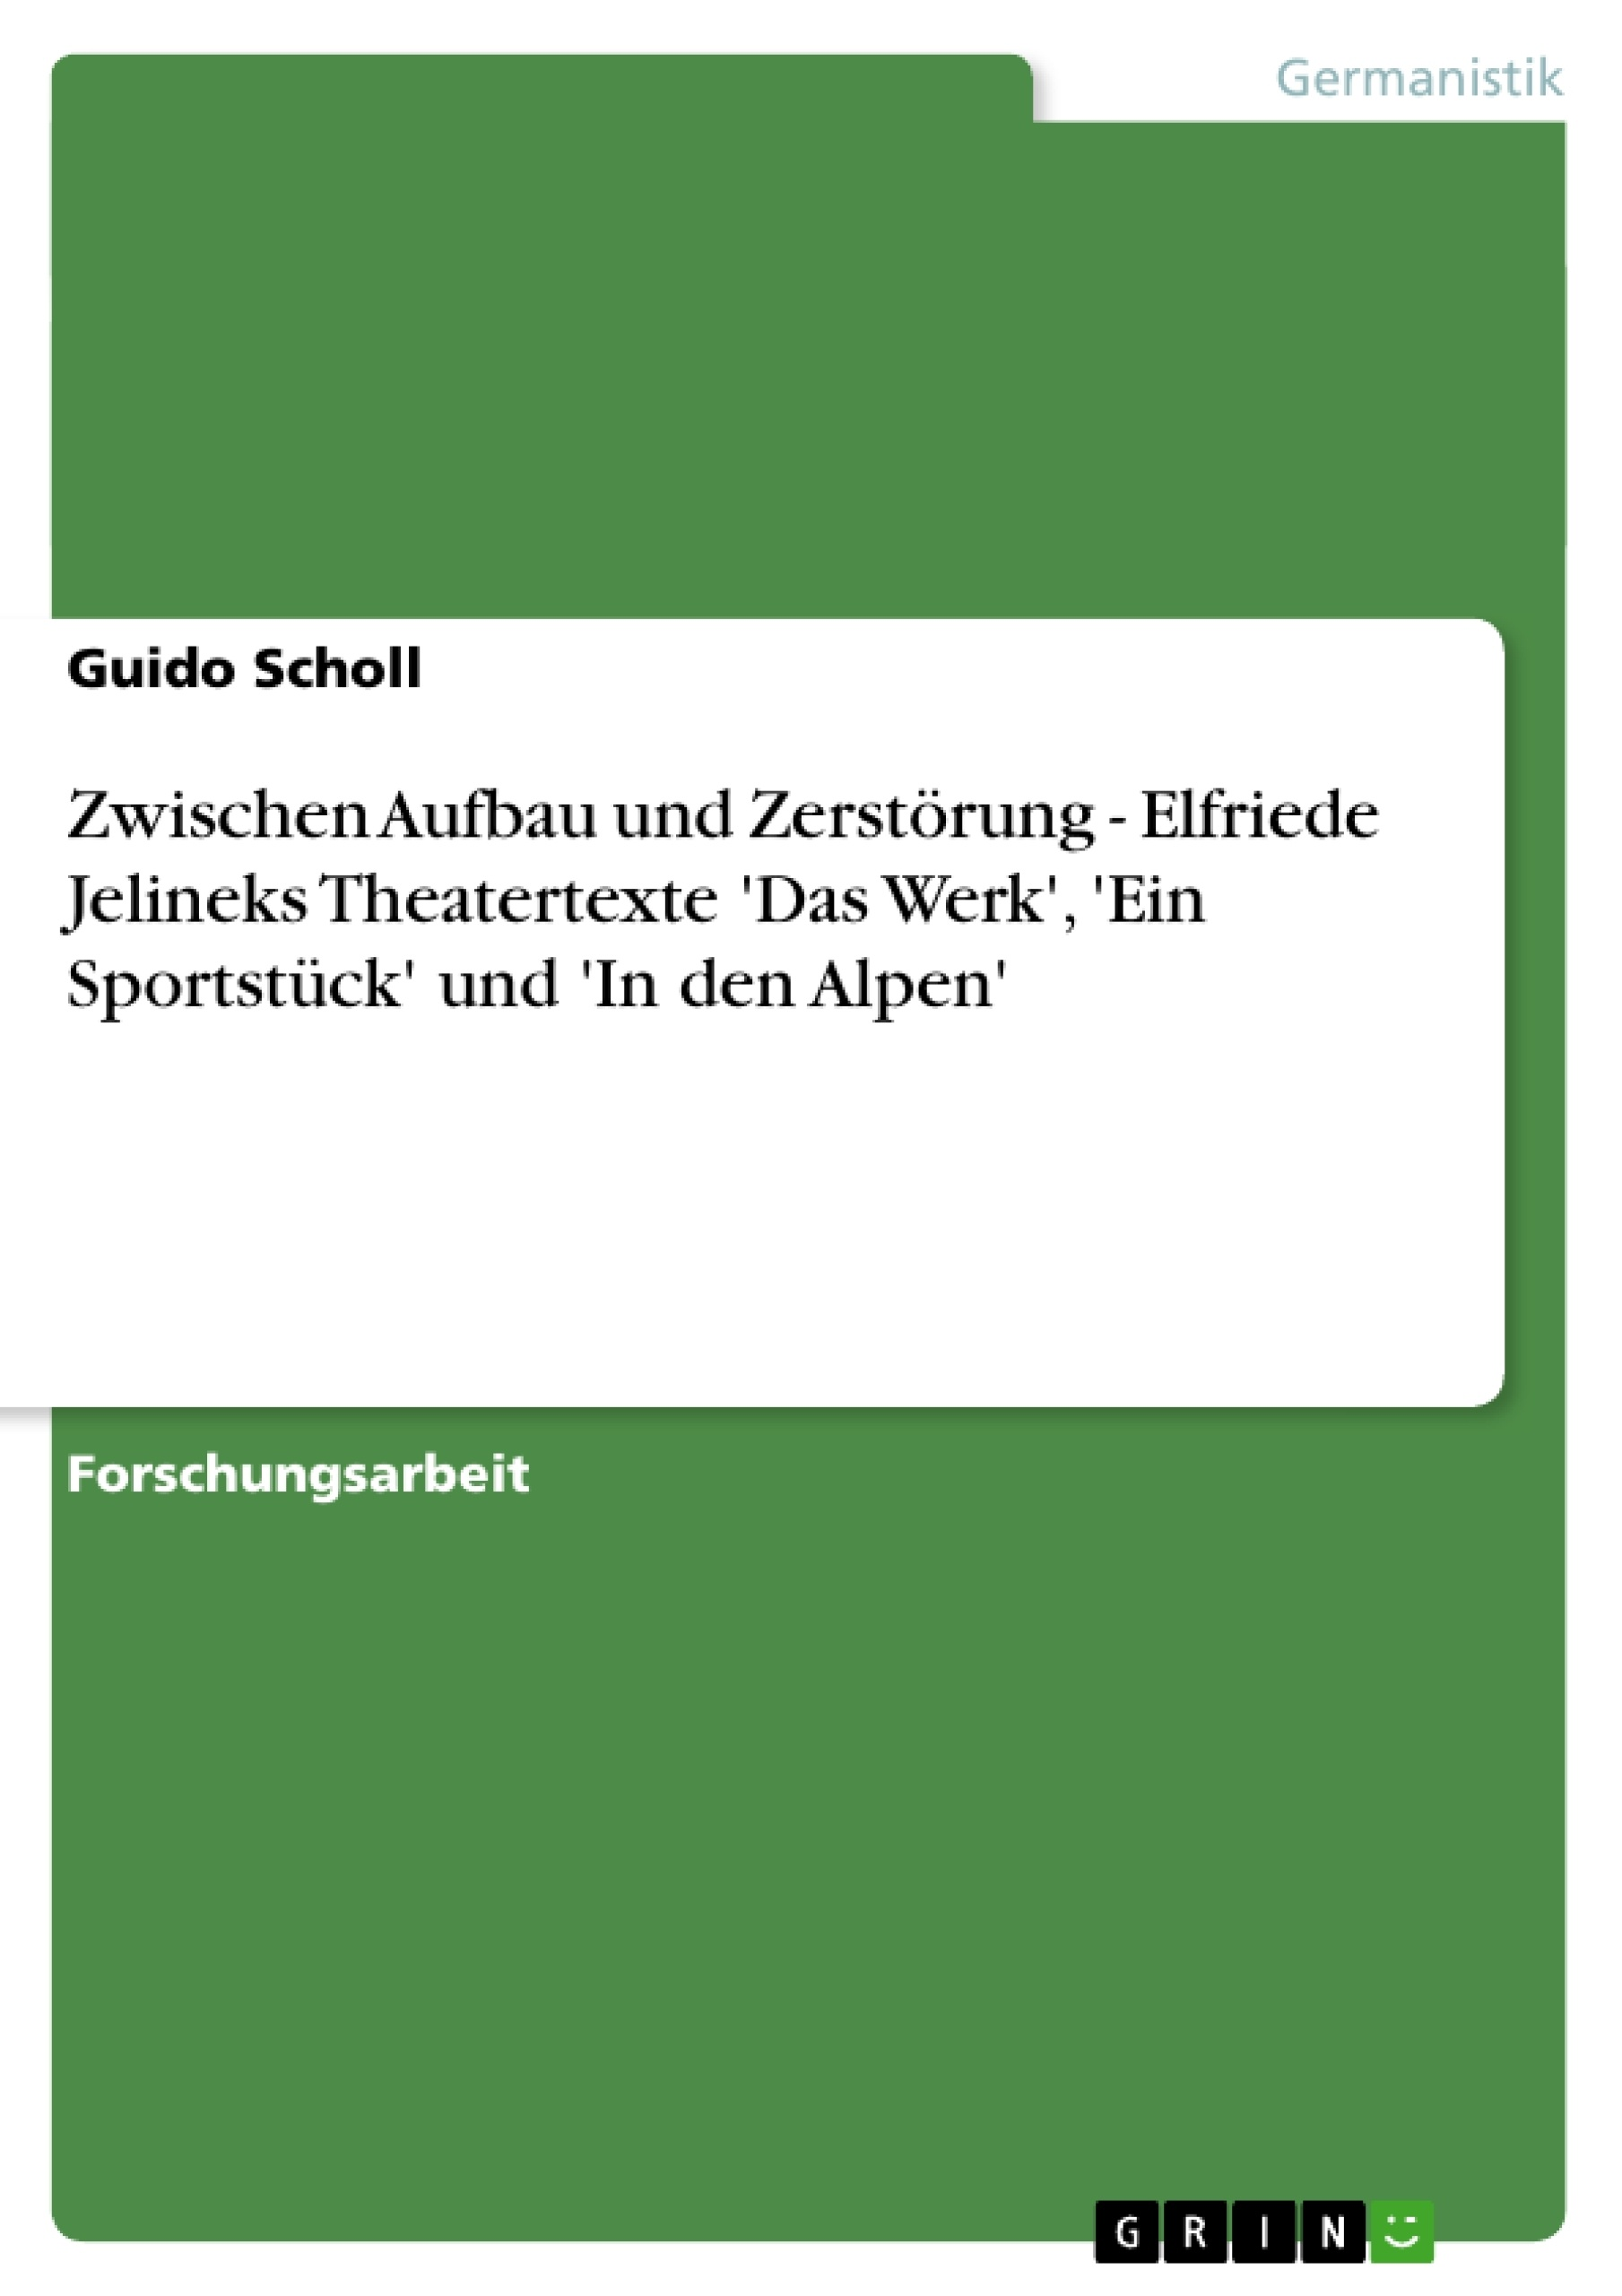 Titel: Zwischen Aufbau und Zerstörung - Elfriede Jelineks Theatertexte 'Das Werk', 'Ein Sportstück' und 'In den Alpen'